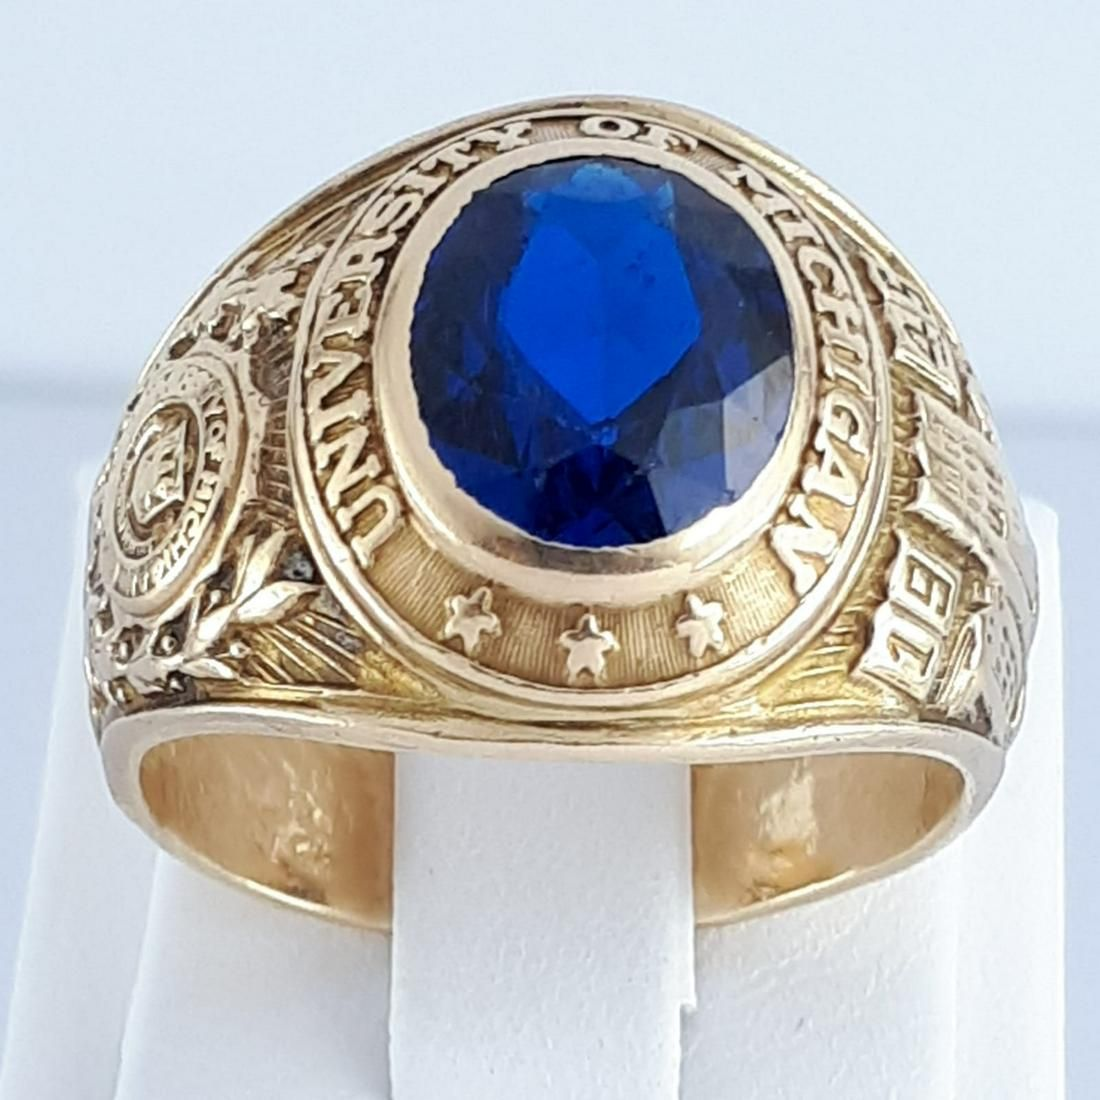 10K Yellow Gold - Ring